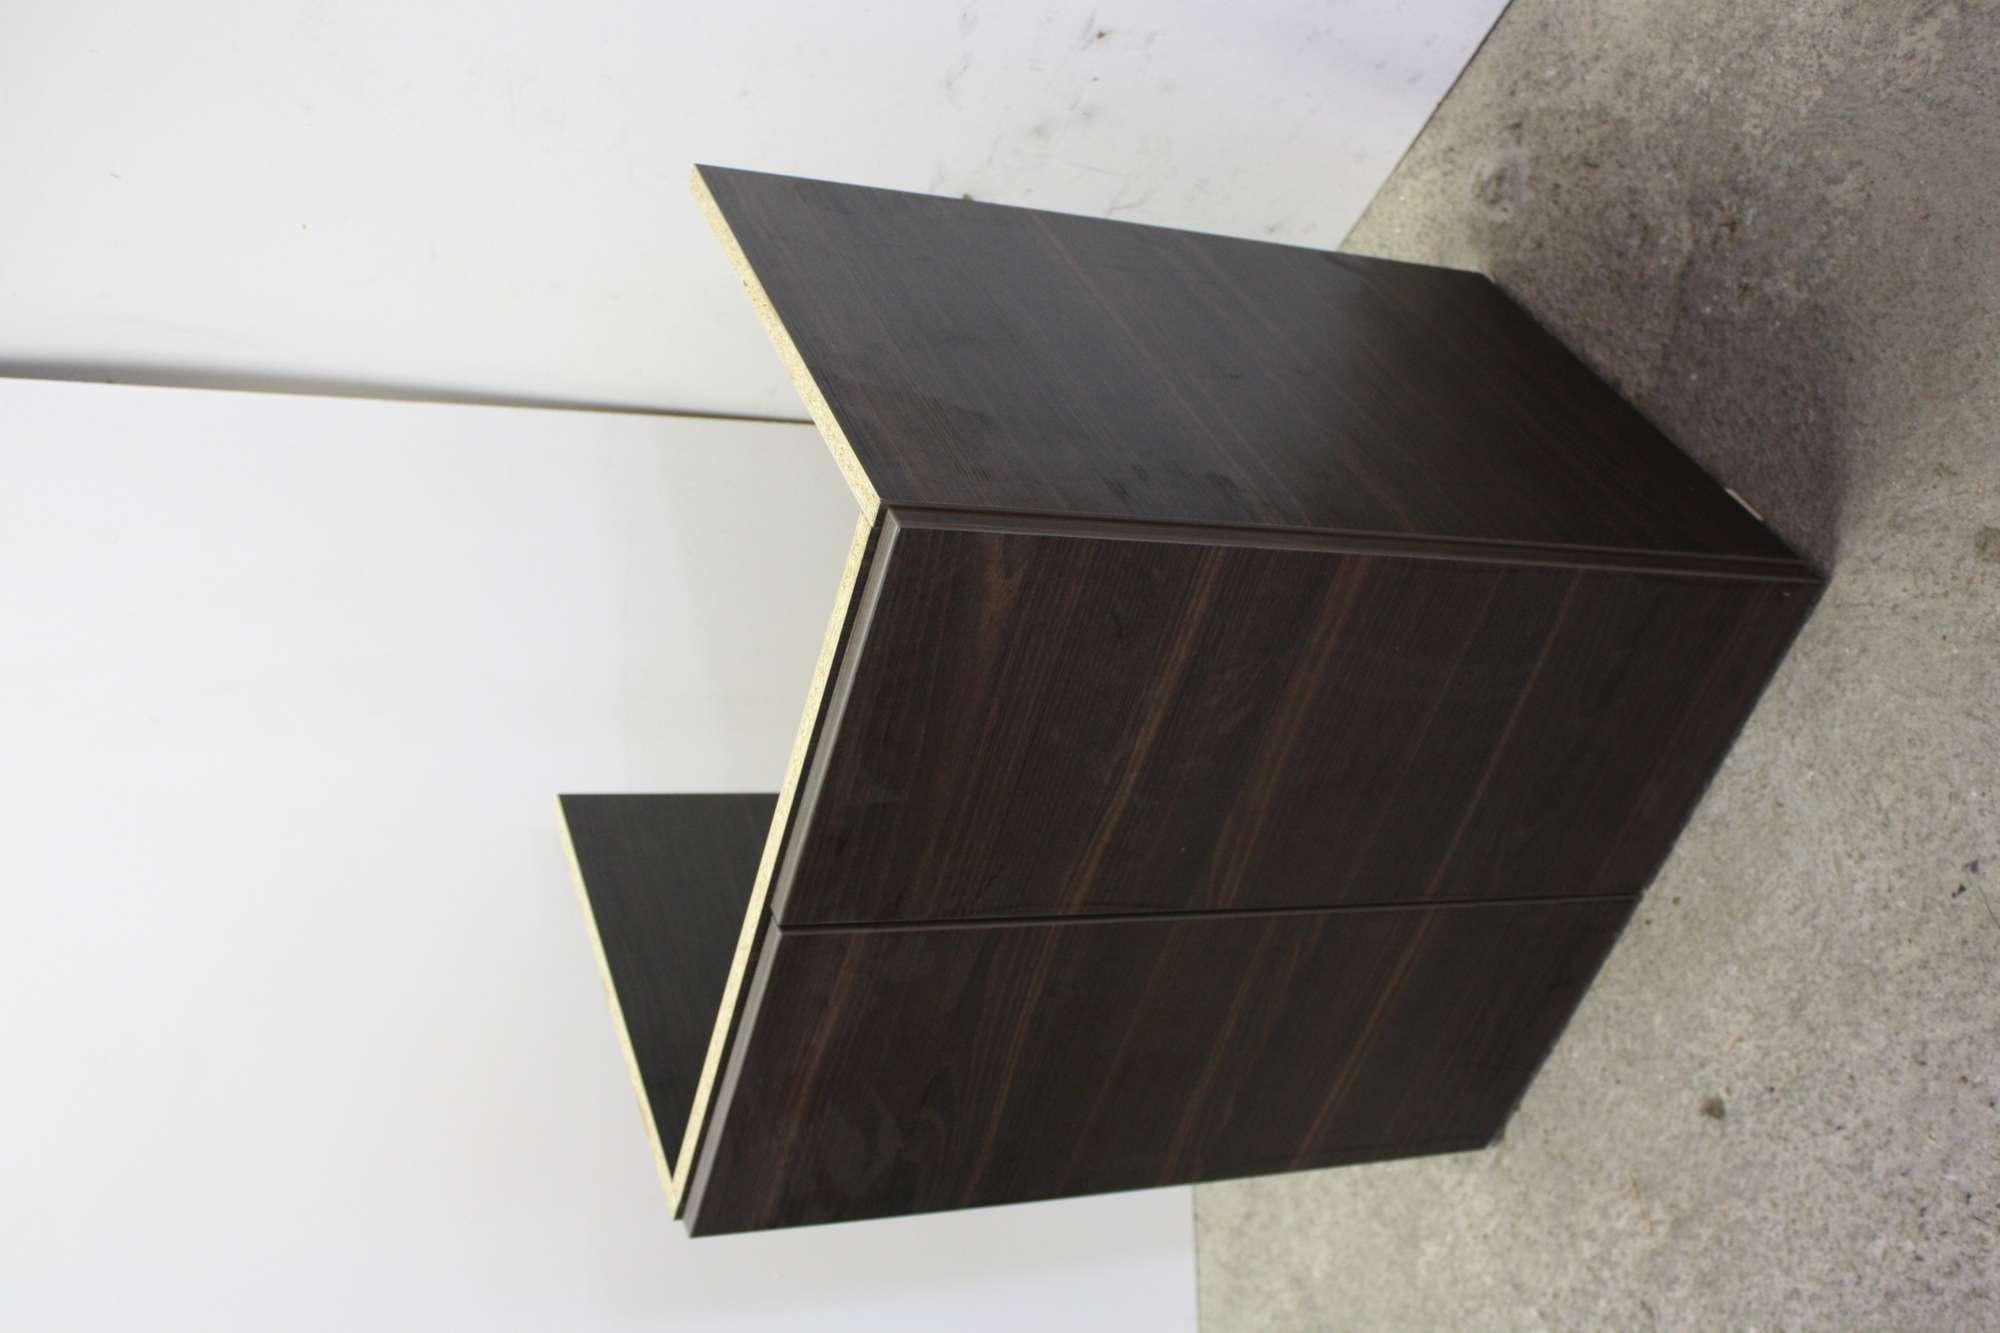 Spodní skříňka pro dřez 60x82x47, venge - výprodej